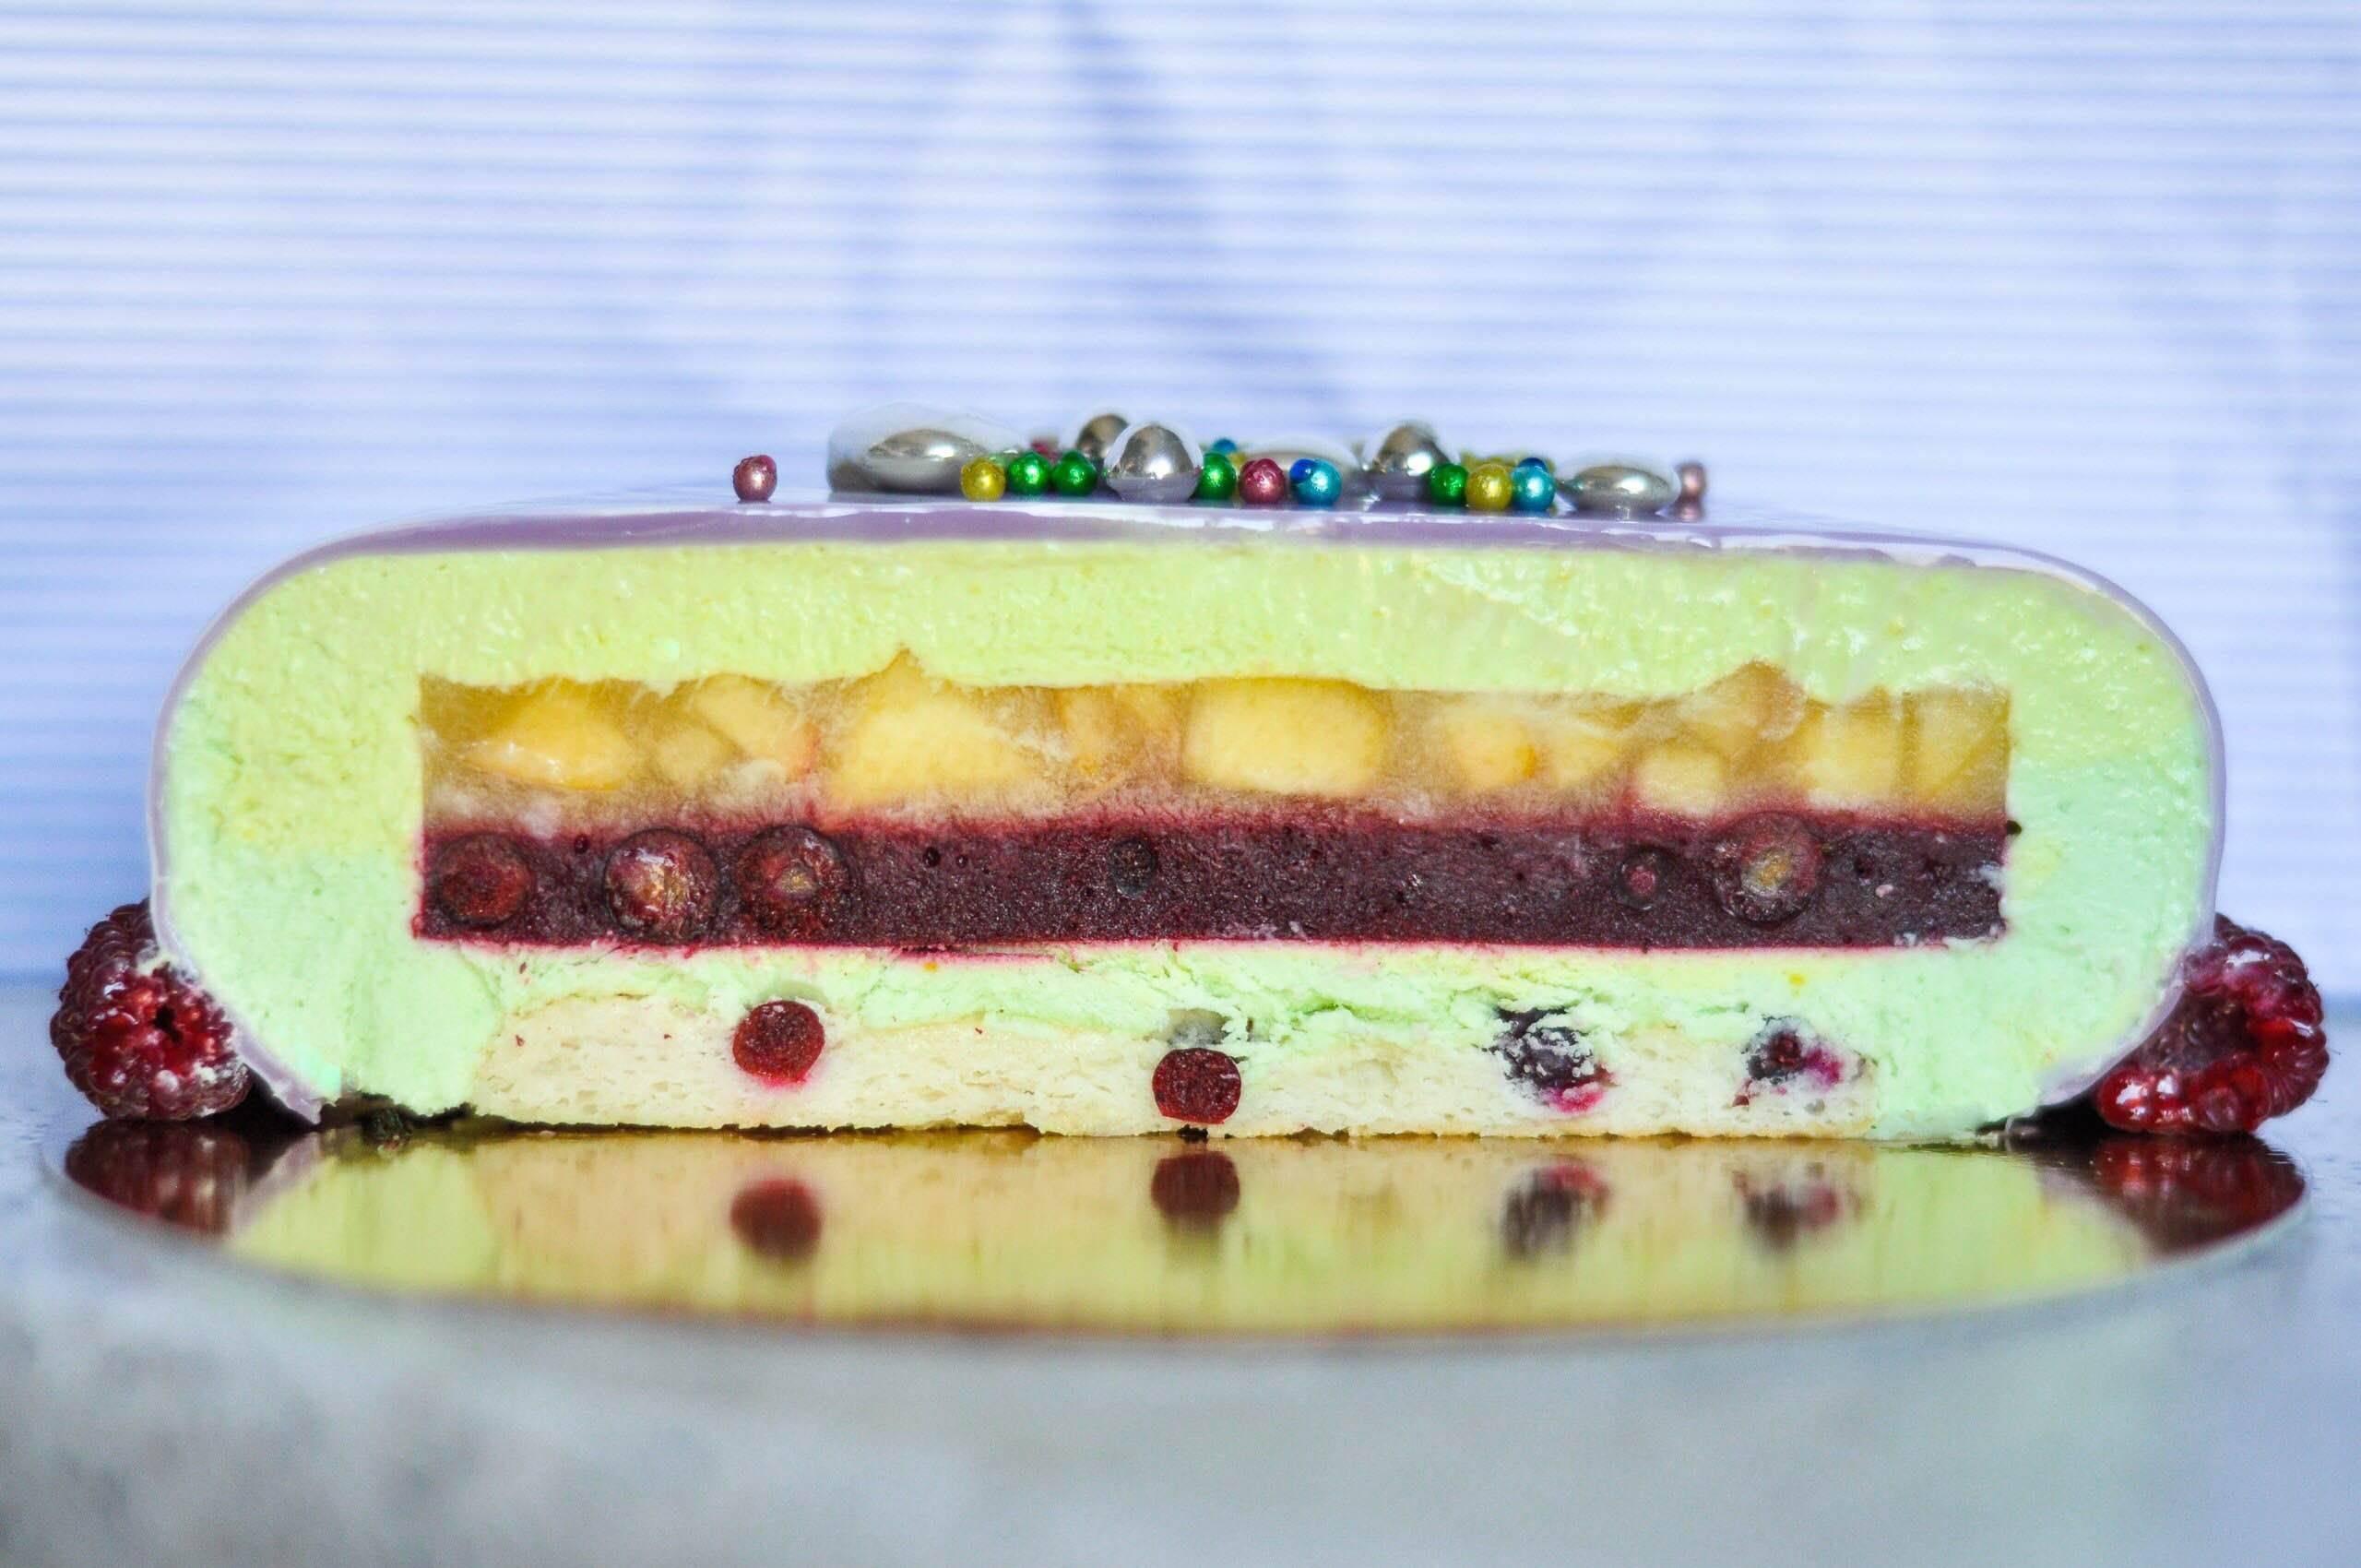 Творожный пудинг с соусом из черной смородины - рецепт с фотографиями - patee. рецепты